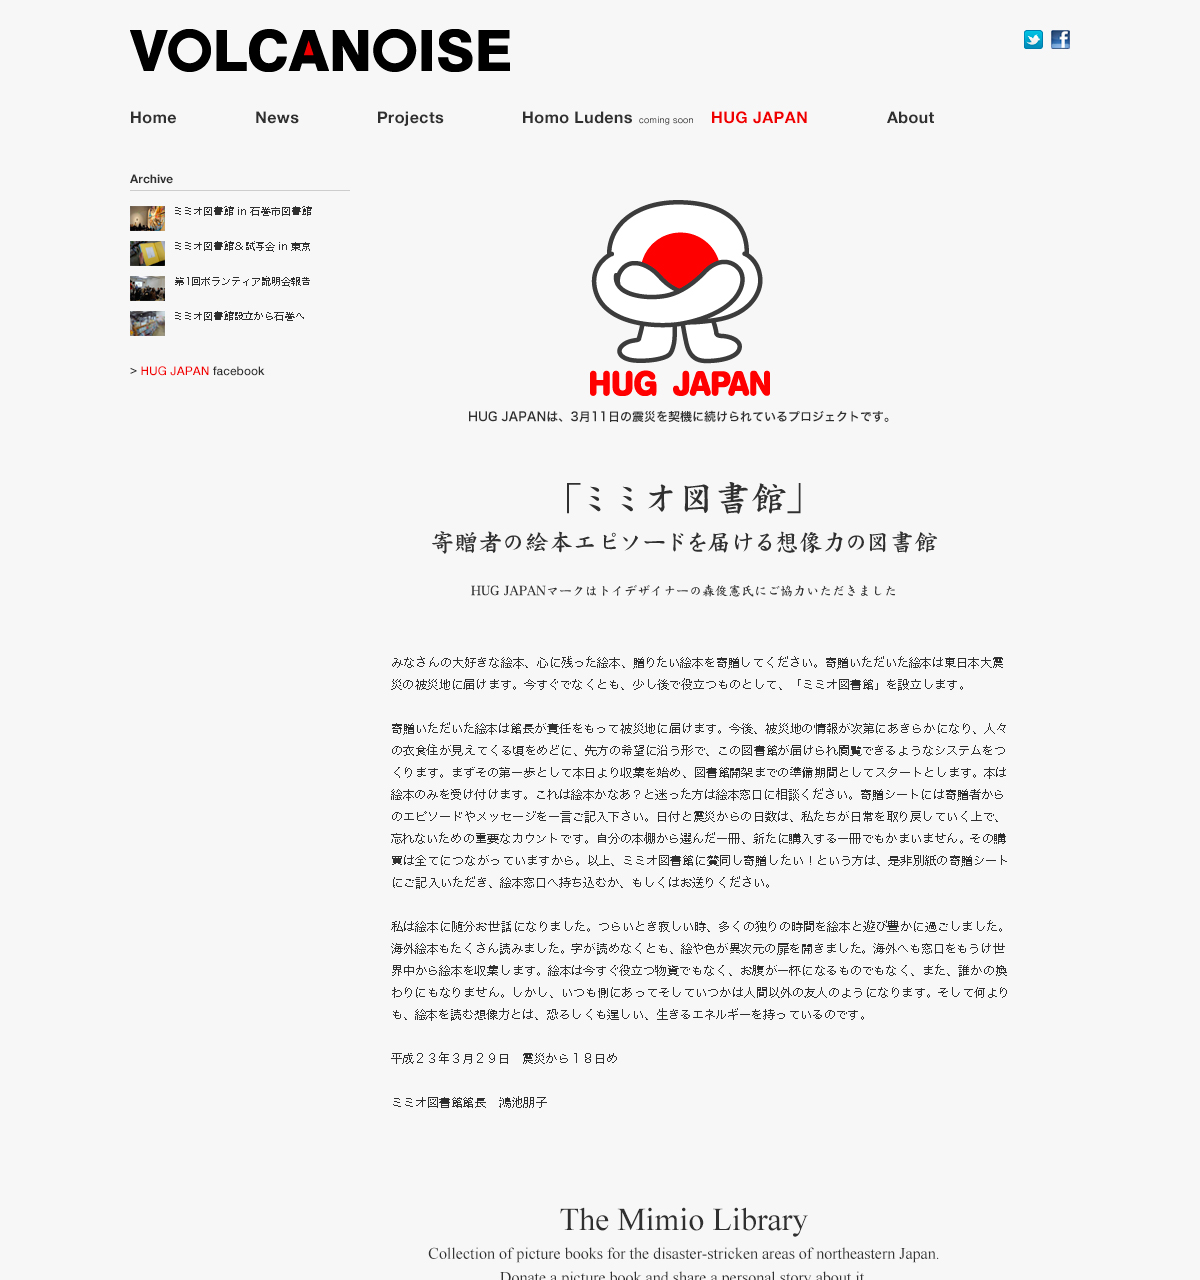 004_volcanoise_1200px